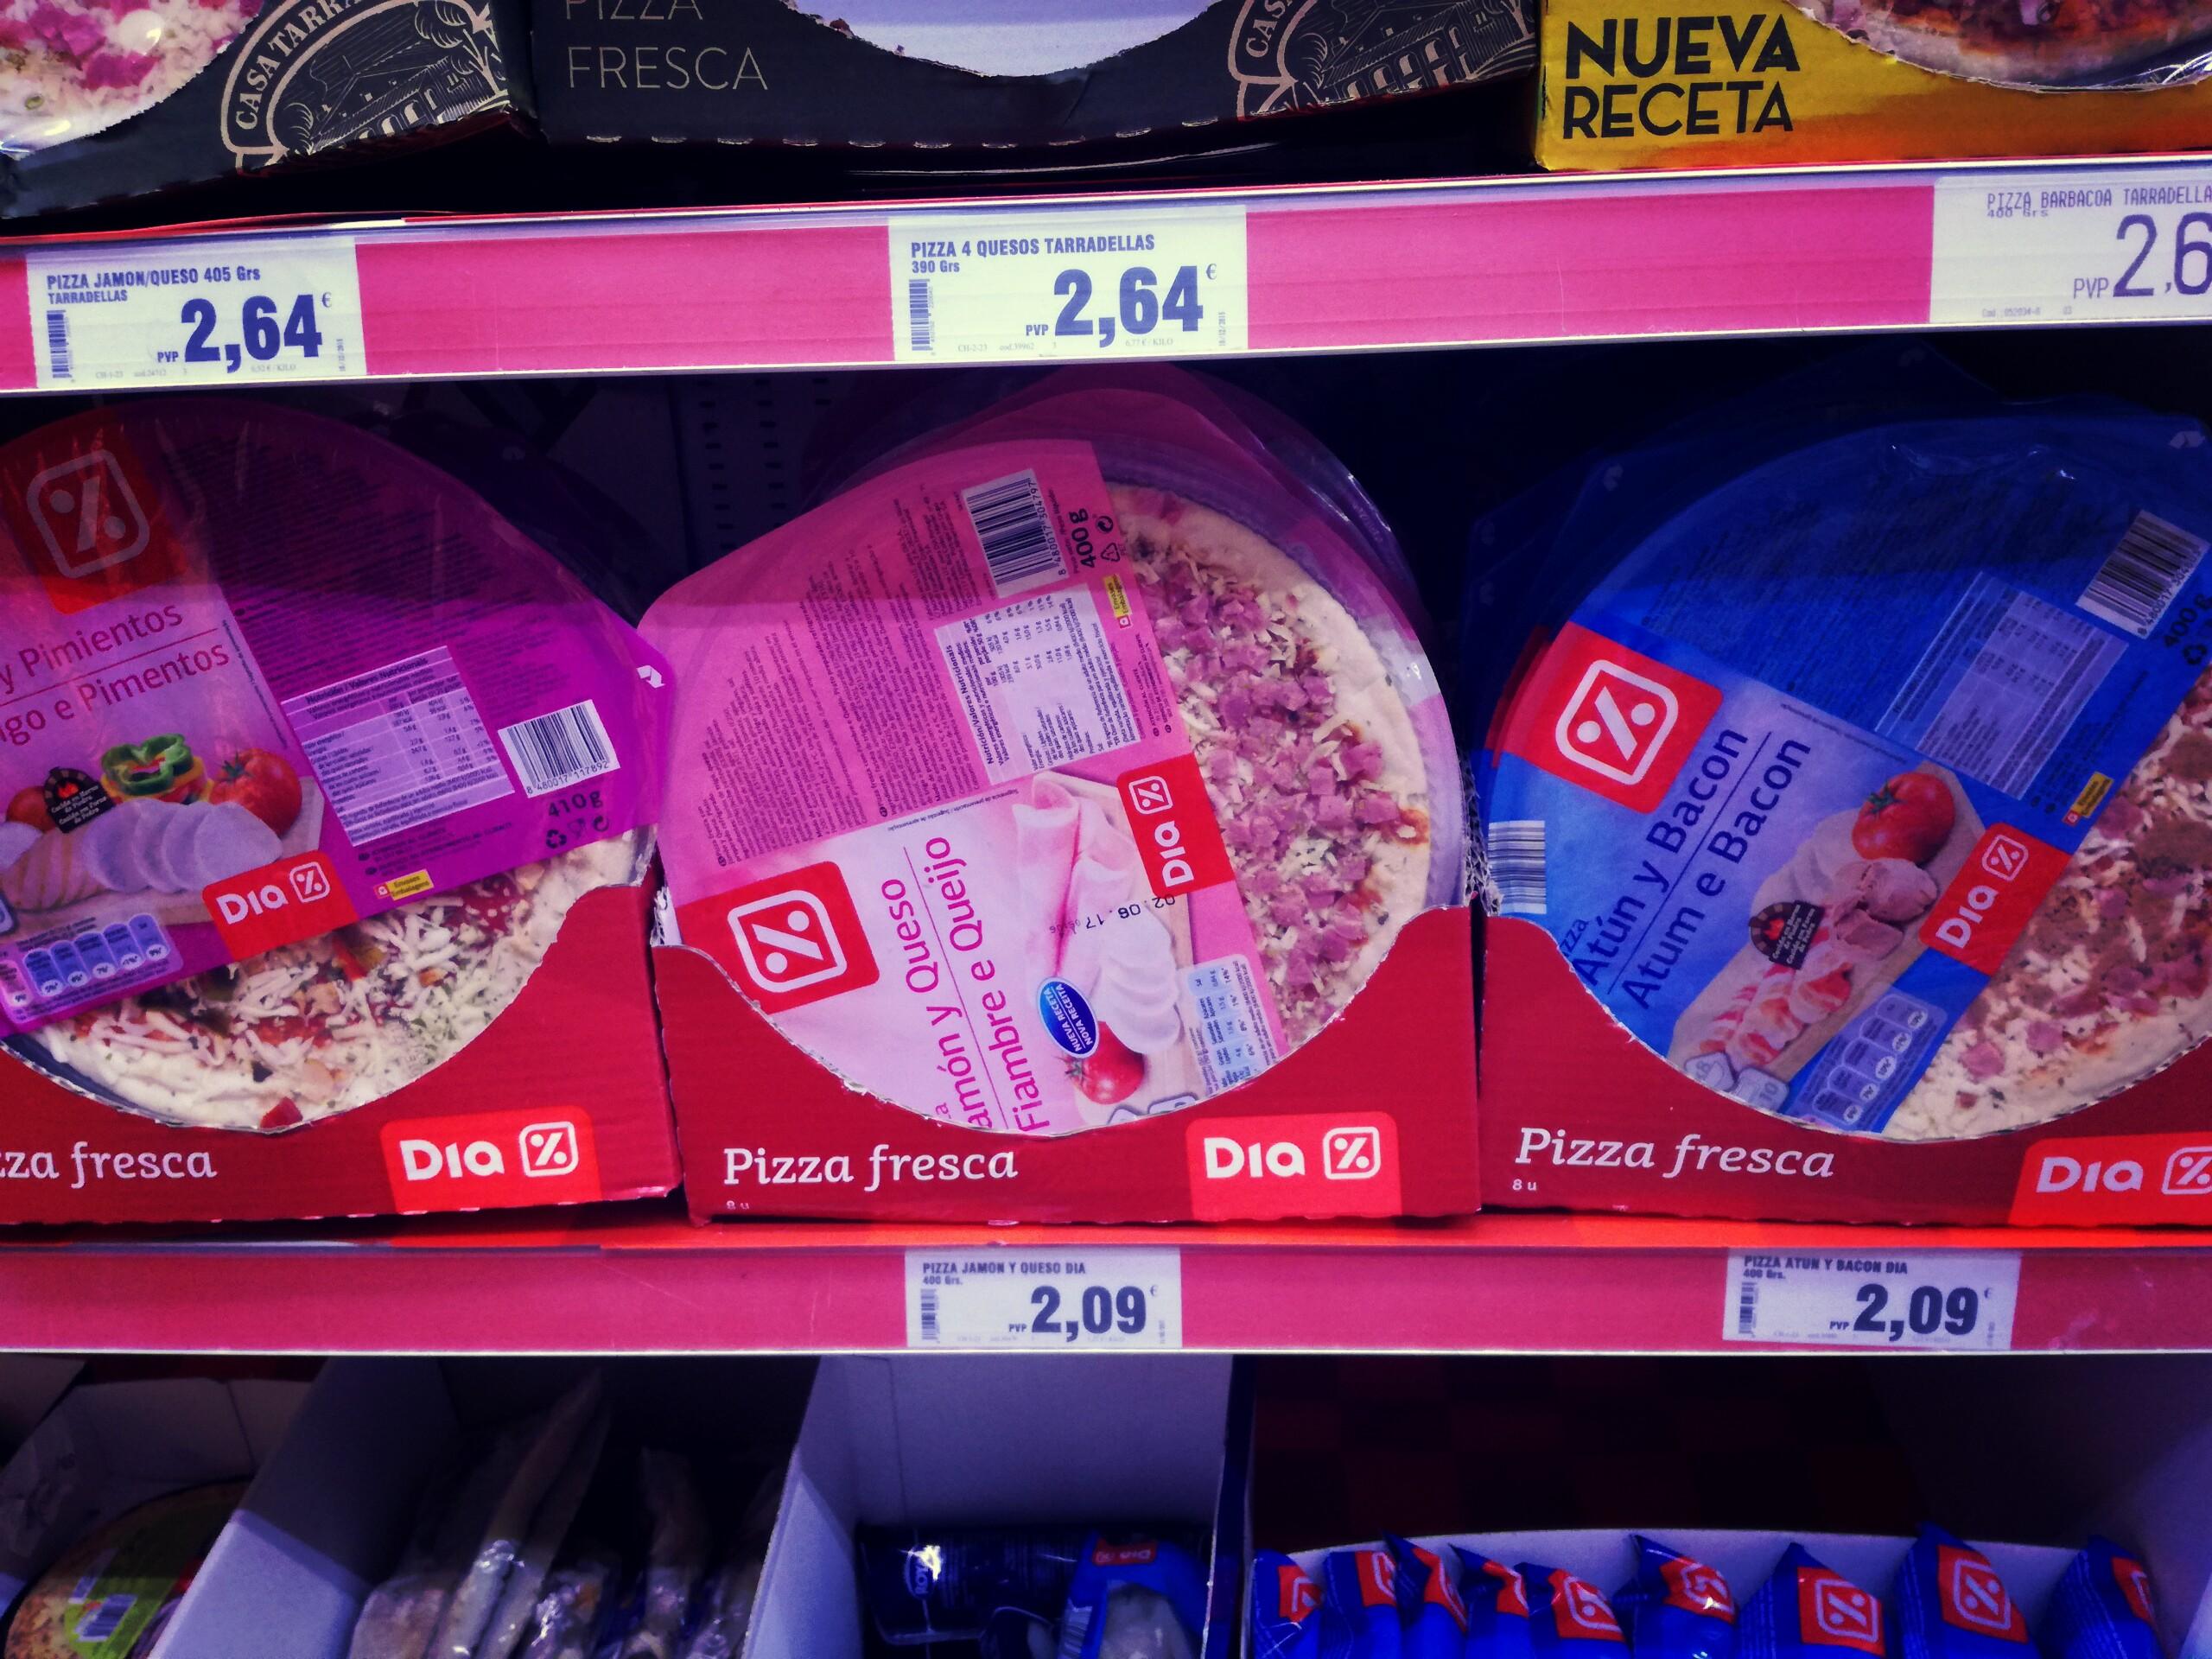 A pizzákból is vannak jók és olcsók, de sajnos kevés szálláson van sütő, ahol el lehetne készíteni.